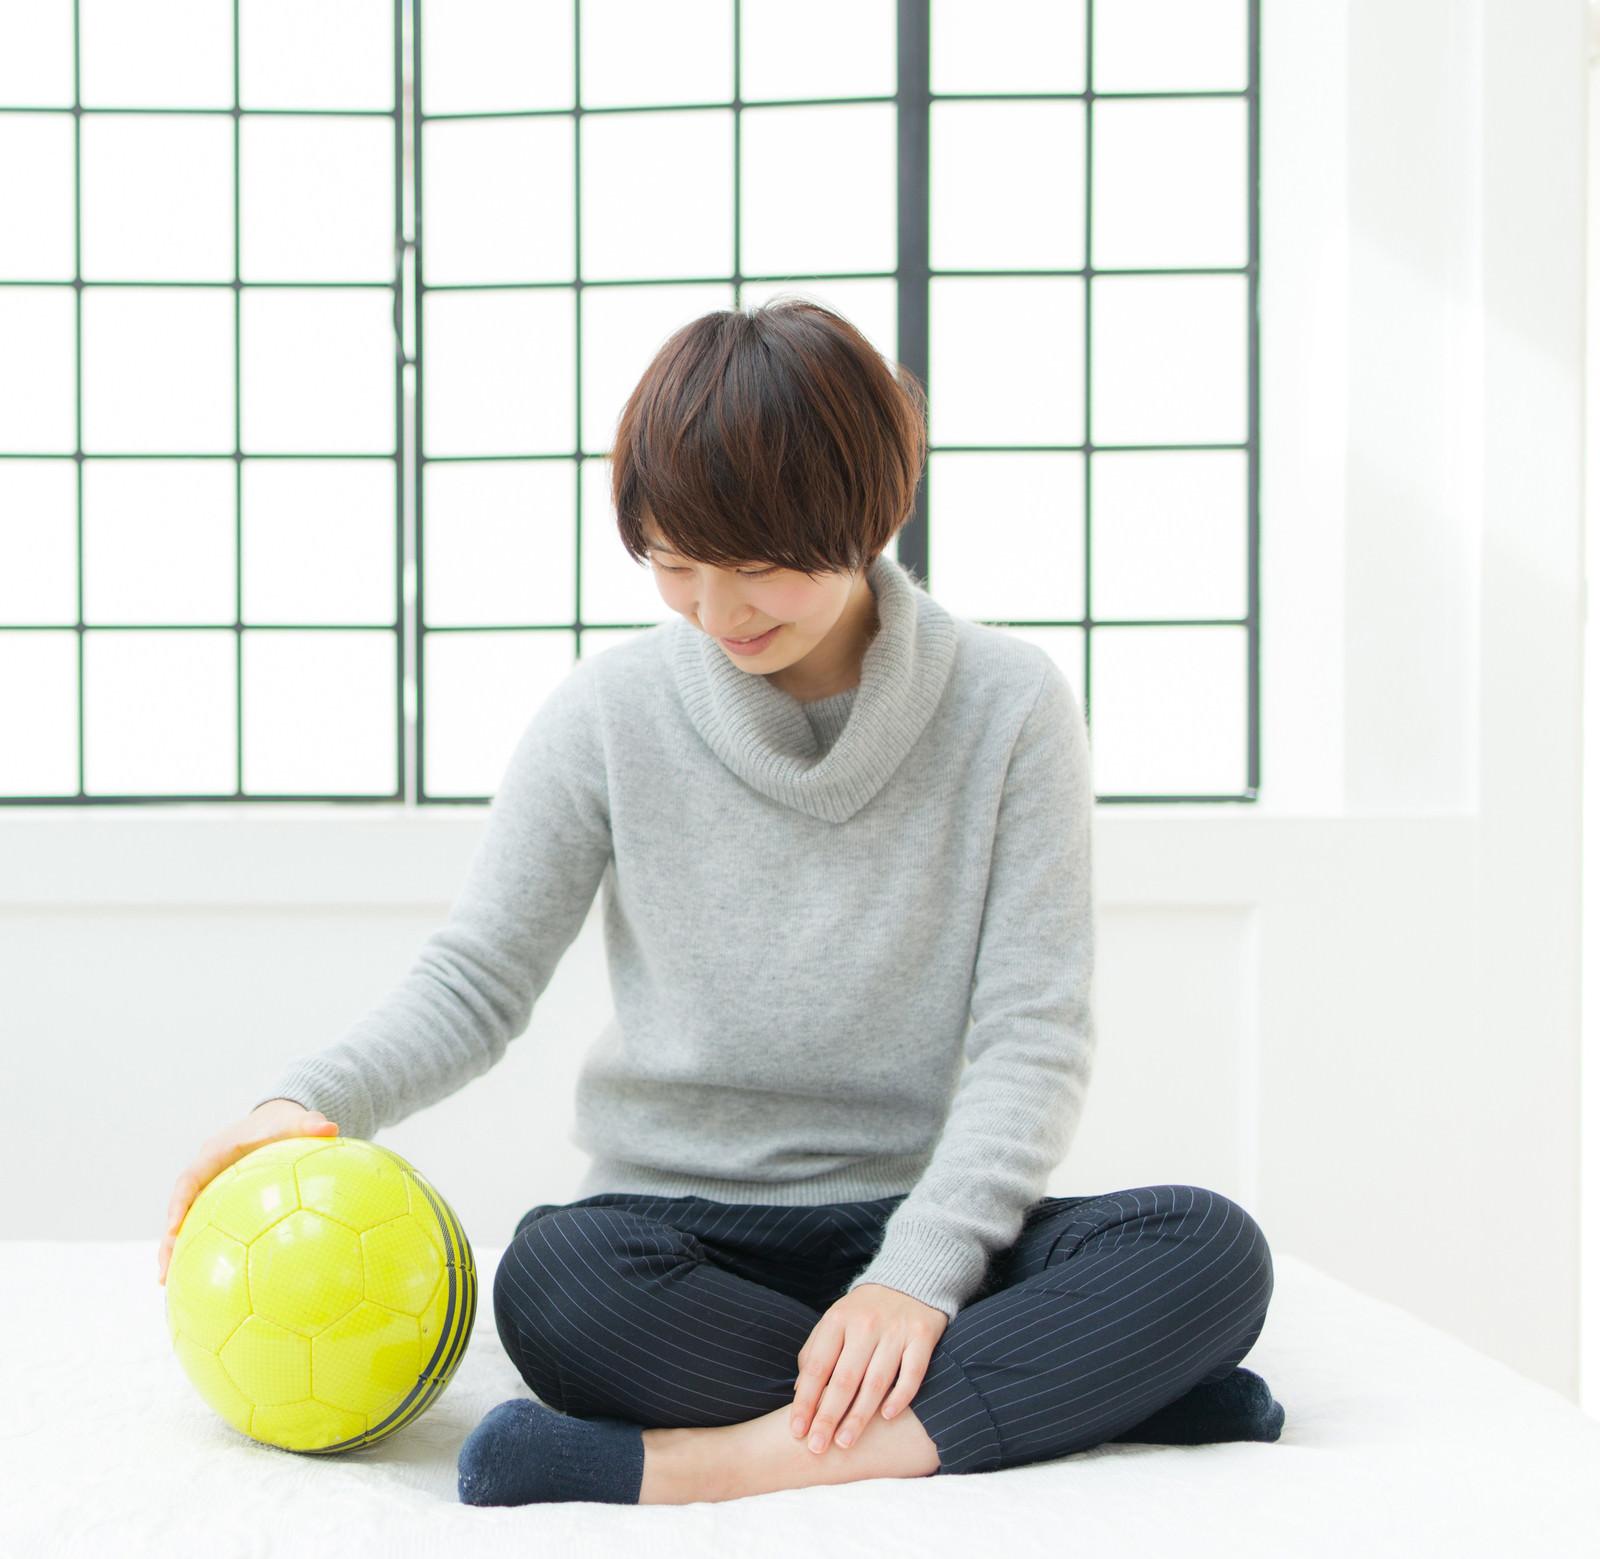 「恋人はサッカーボール恋人はサッカーボール」[モデル:八木彩香]のフリー写真素材を拡大